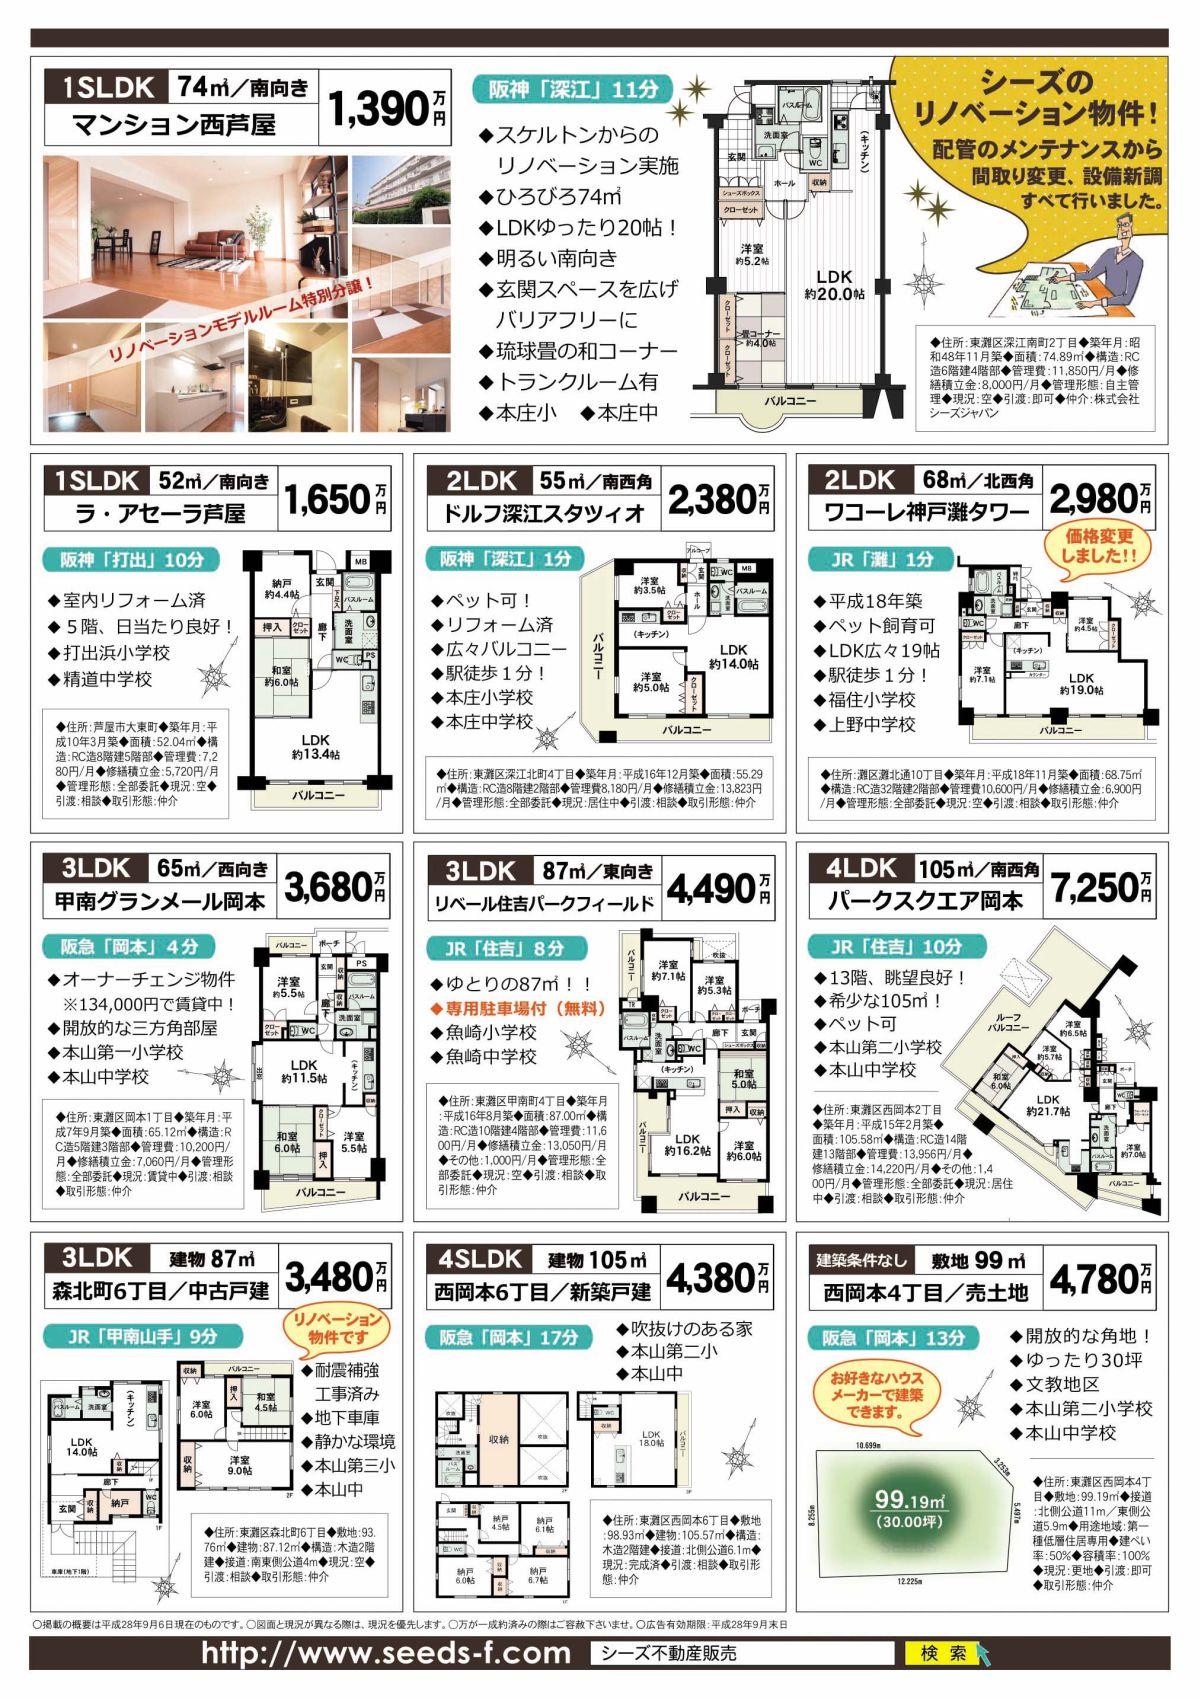 9月10日折込ウラ(マンション西芦屋+東灘区MS×